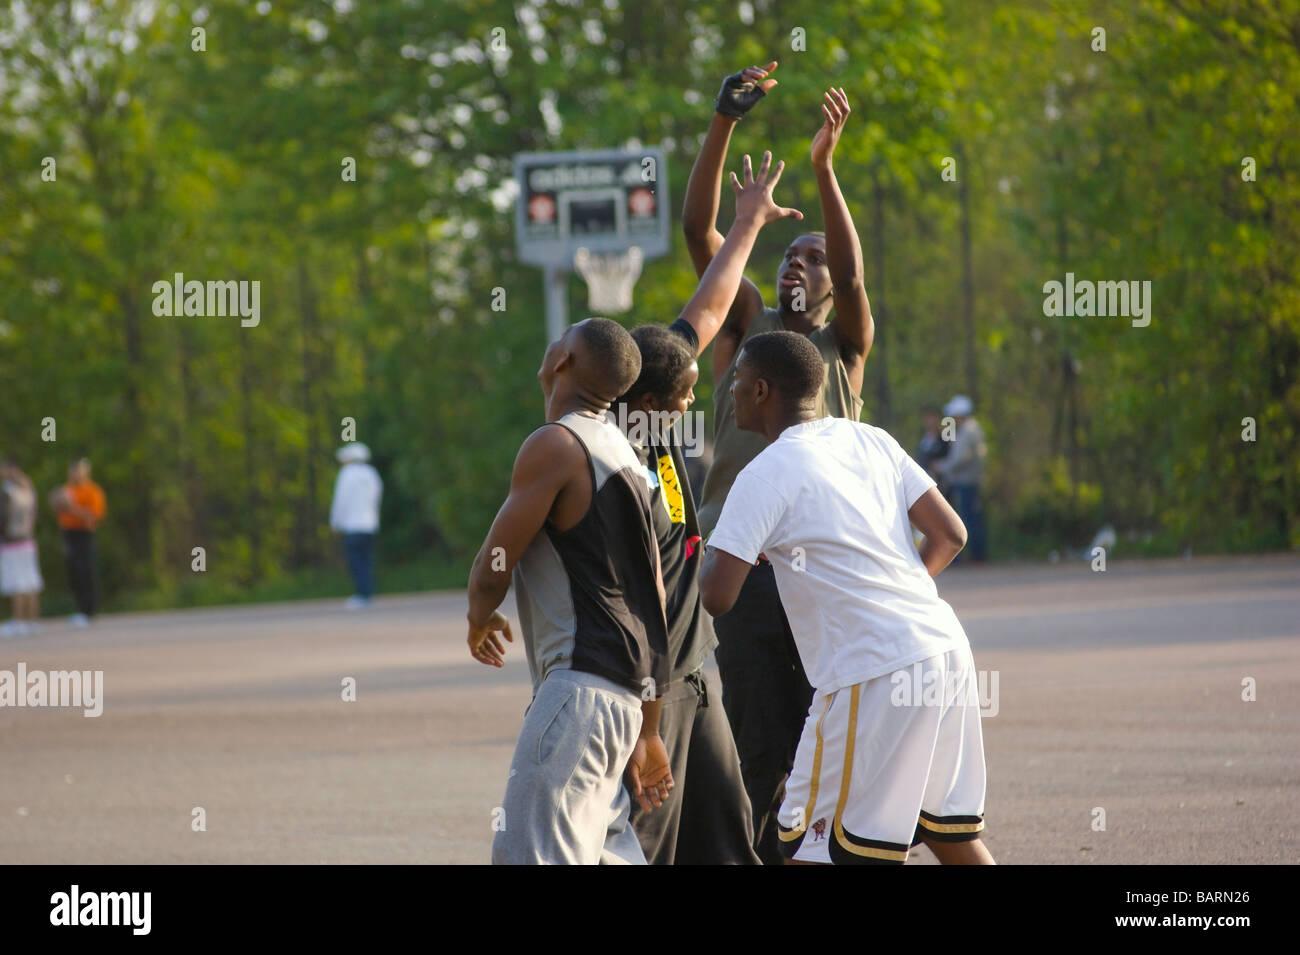 Match de basket-ball occasionnelle sur un dimanche après-midi à Finsbury Park London England UK Photo Stock